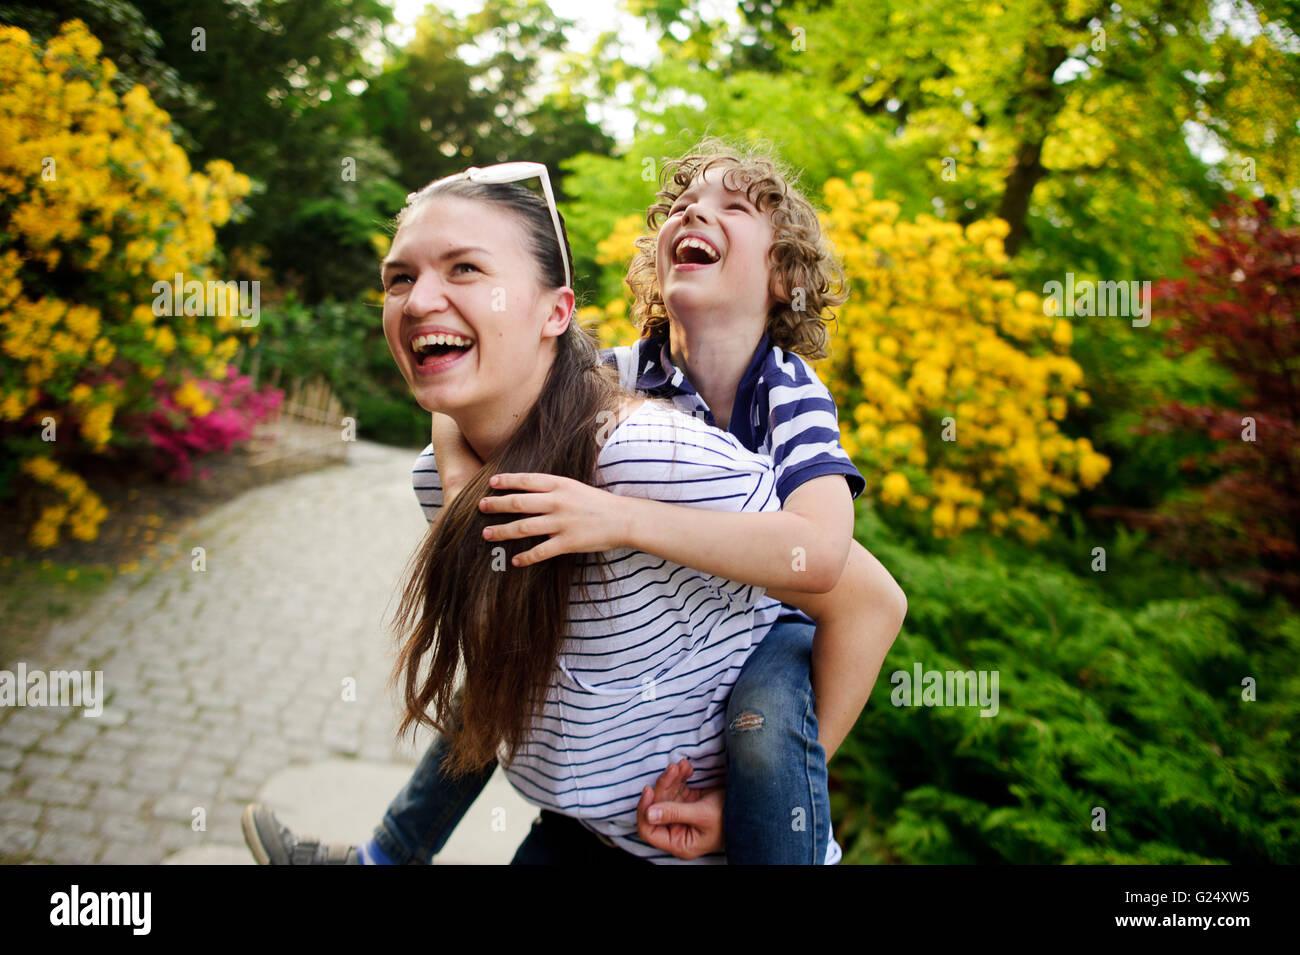 Fille sur une marche avec son jeune frère Photo Stock